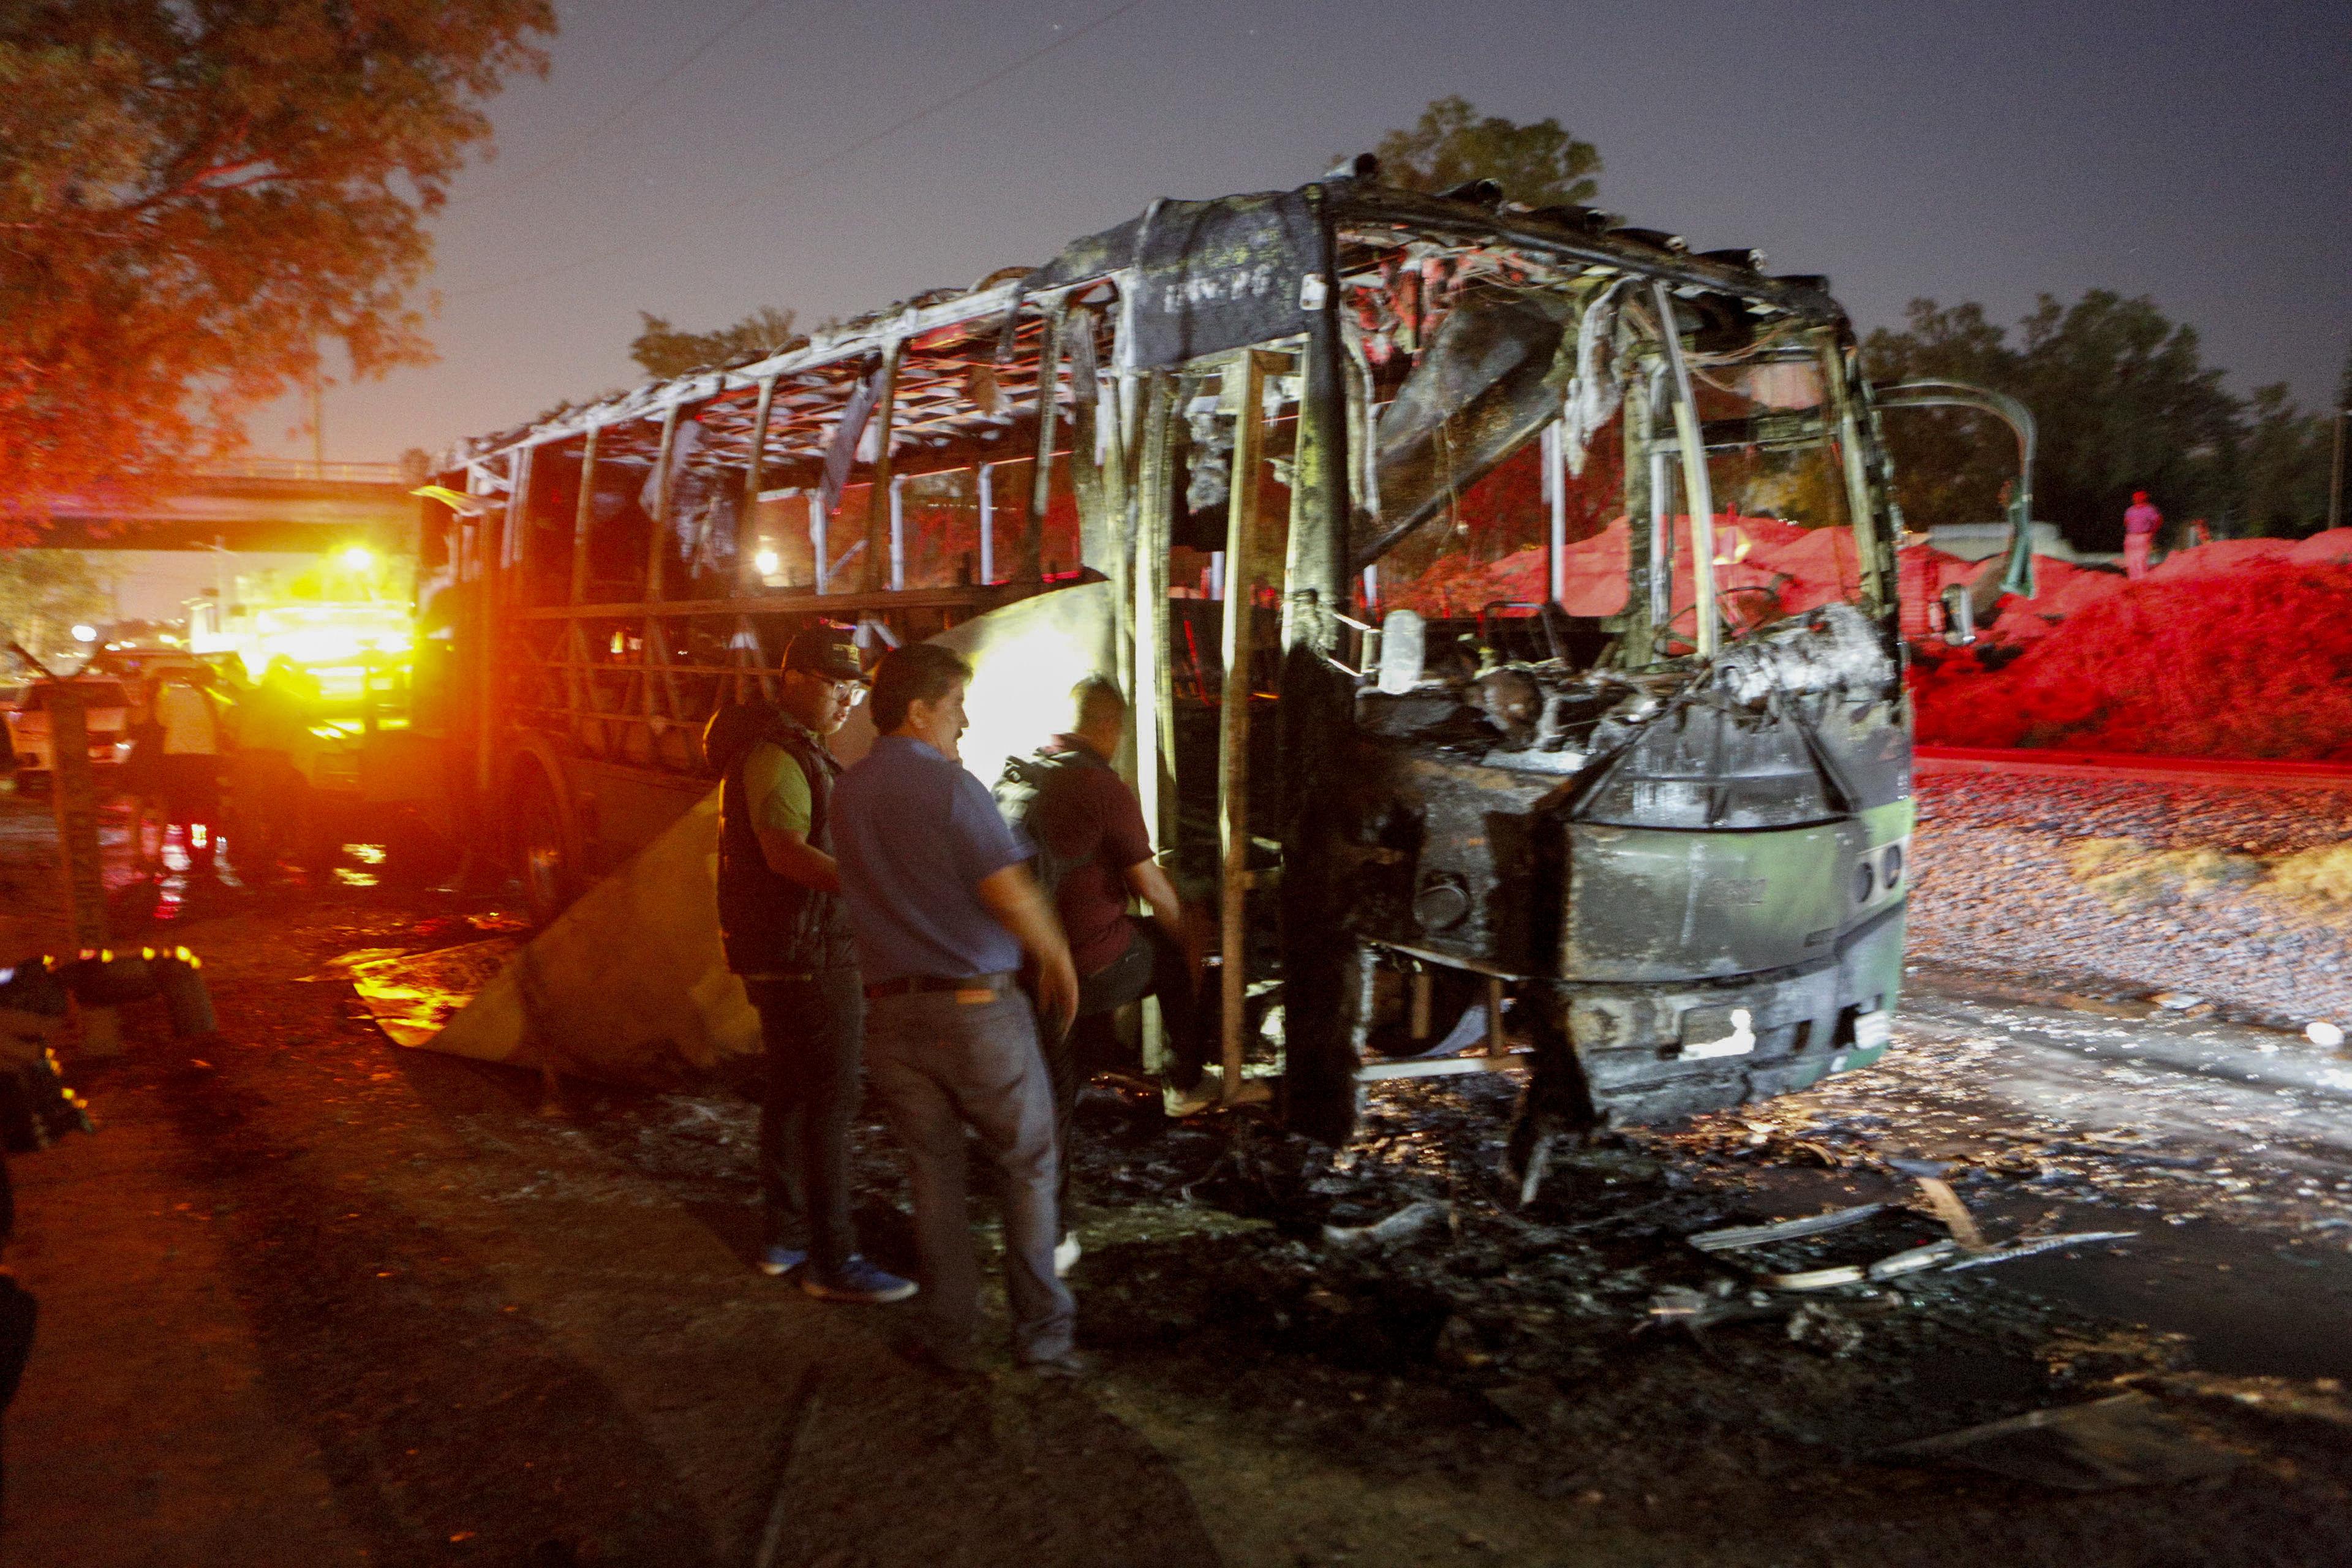 Vista general de un vehículo incendiado de forma intencionada por grupos armados la noche de este lunes...